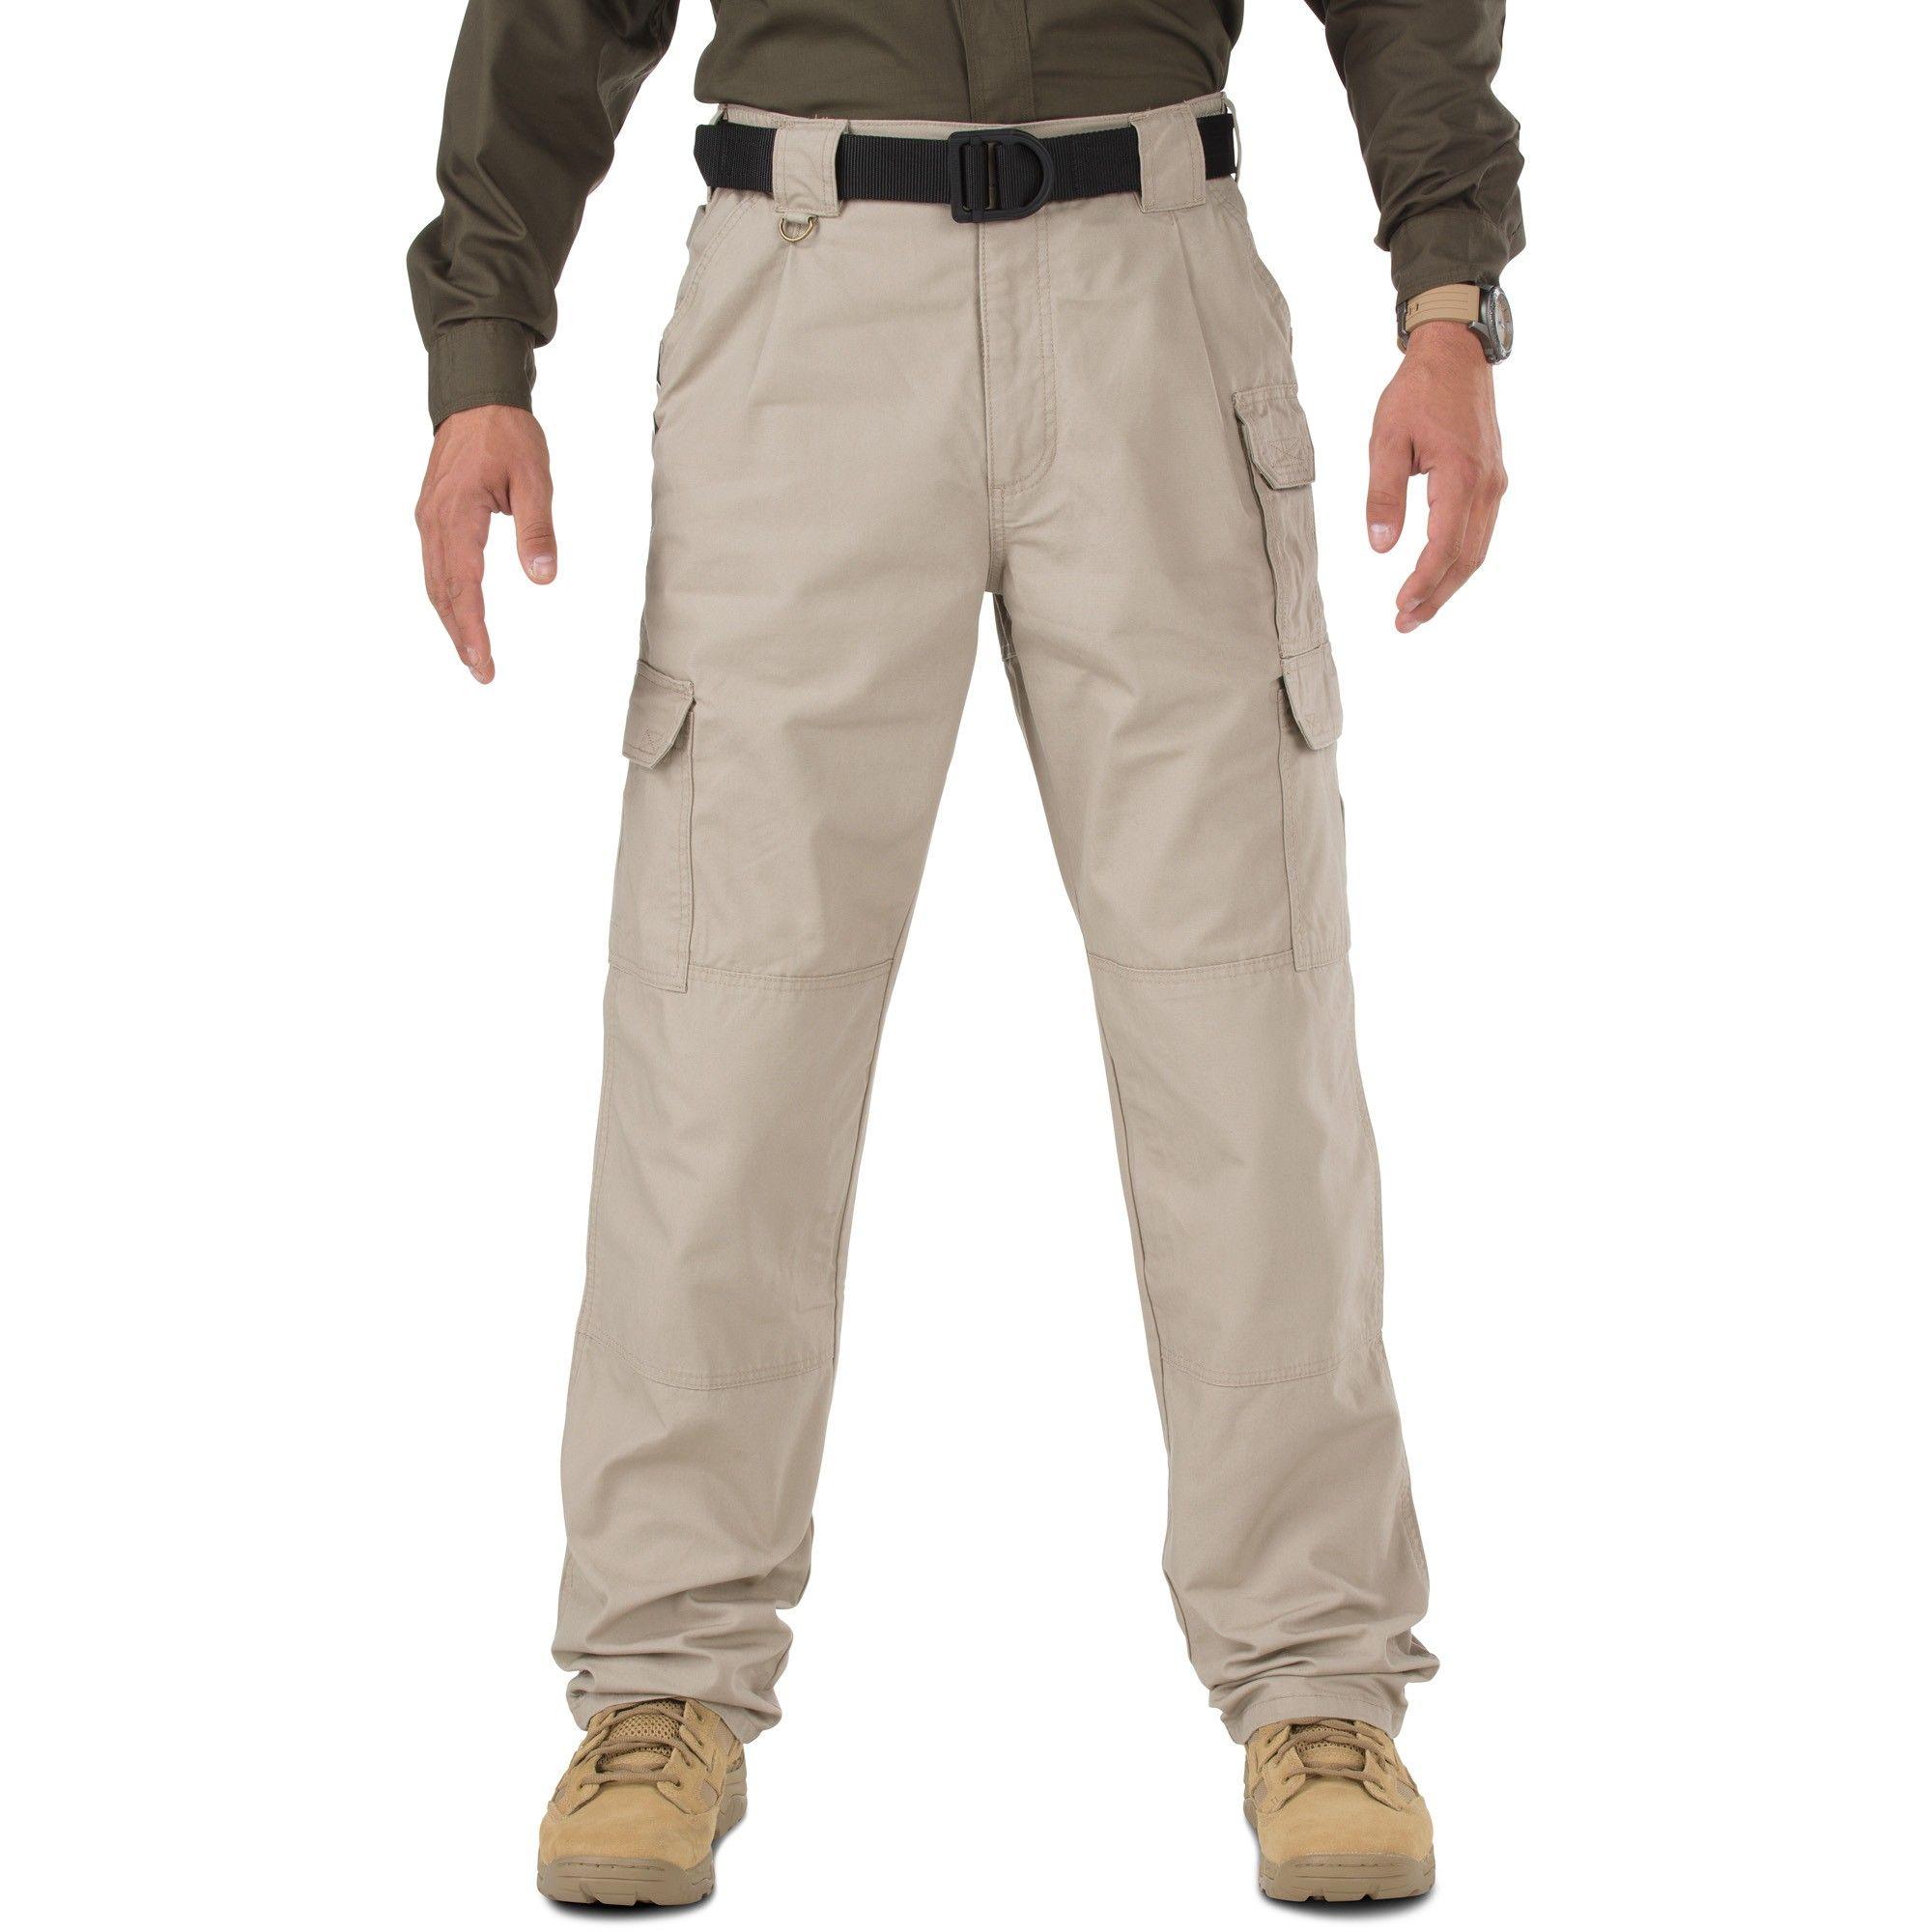 5.11 Tactical Pants - Men's, Cotton in Khaki | Gear | Pinterest ...